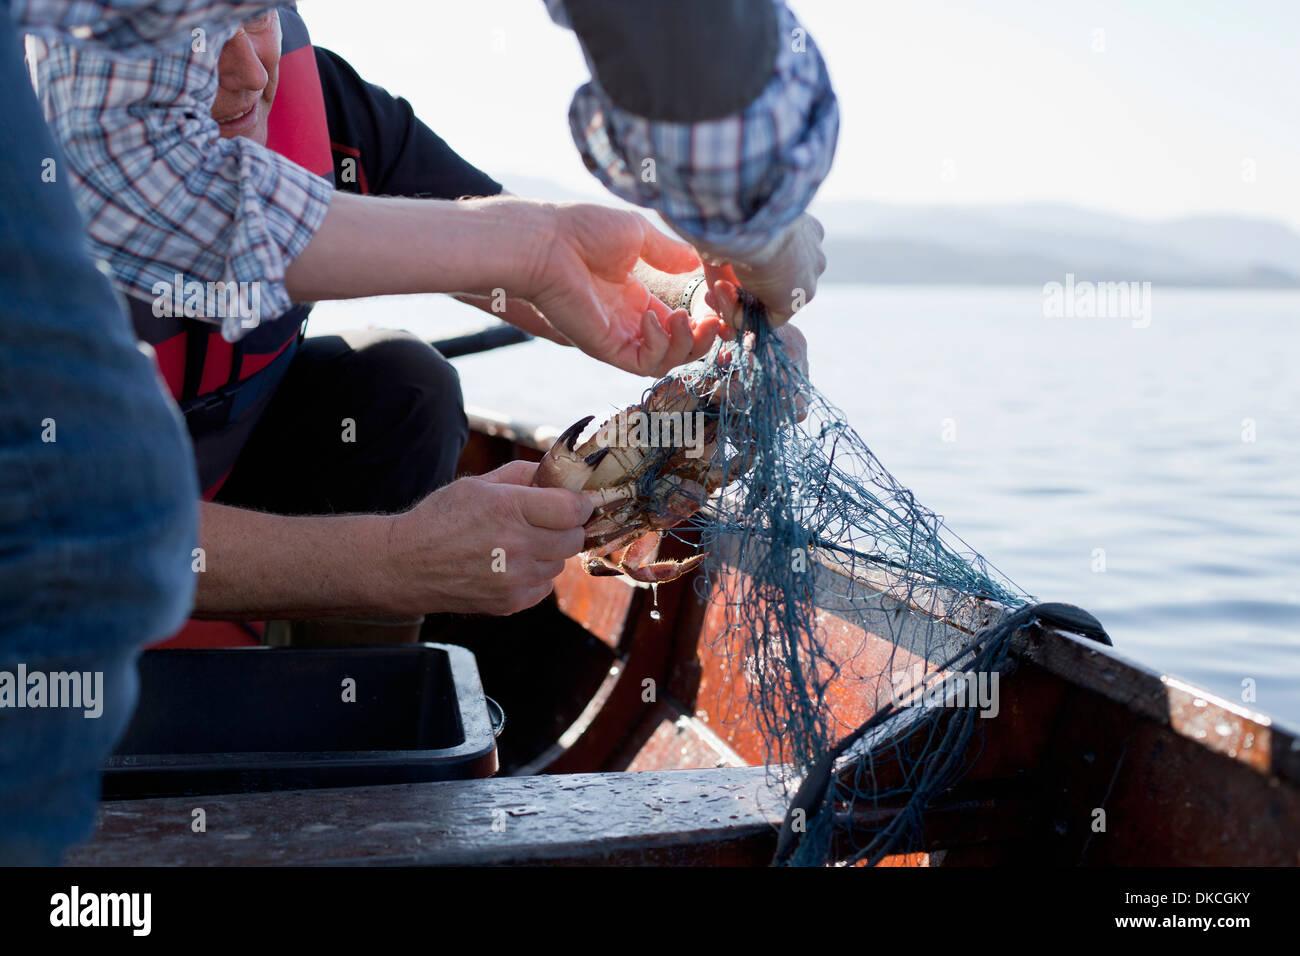 Menschen auf dem Boot Fischfang für Krabben, Aure, Norwegen Stockbild